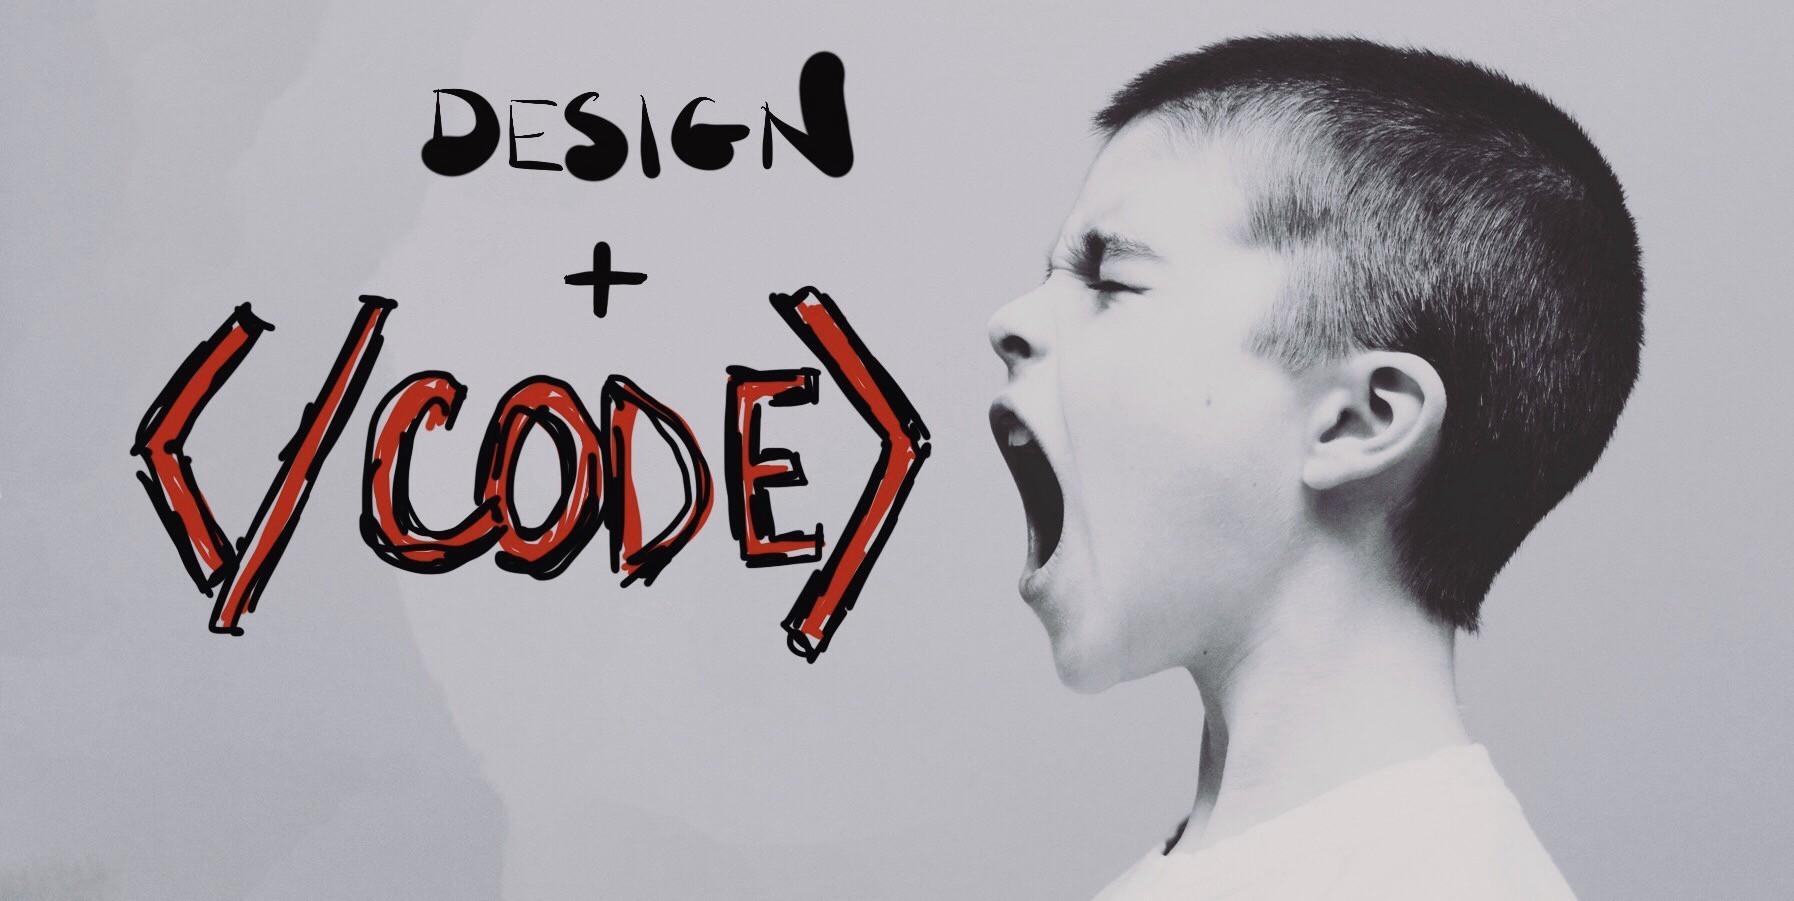 Как нелюбовь к коду помогла мне «прокачать» навыки дизайнера - 1